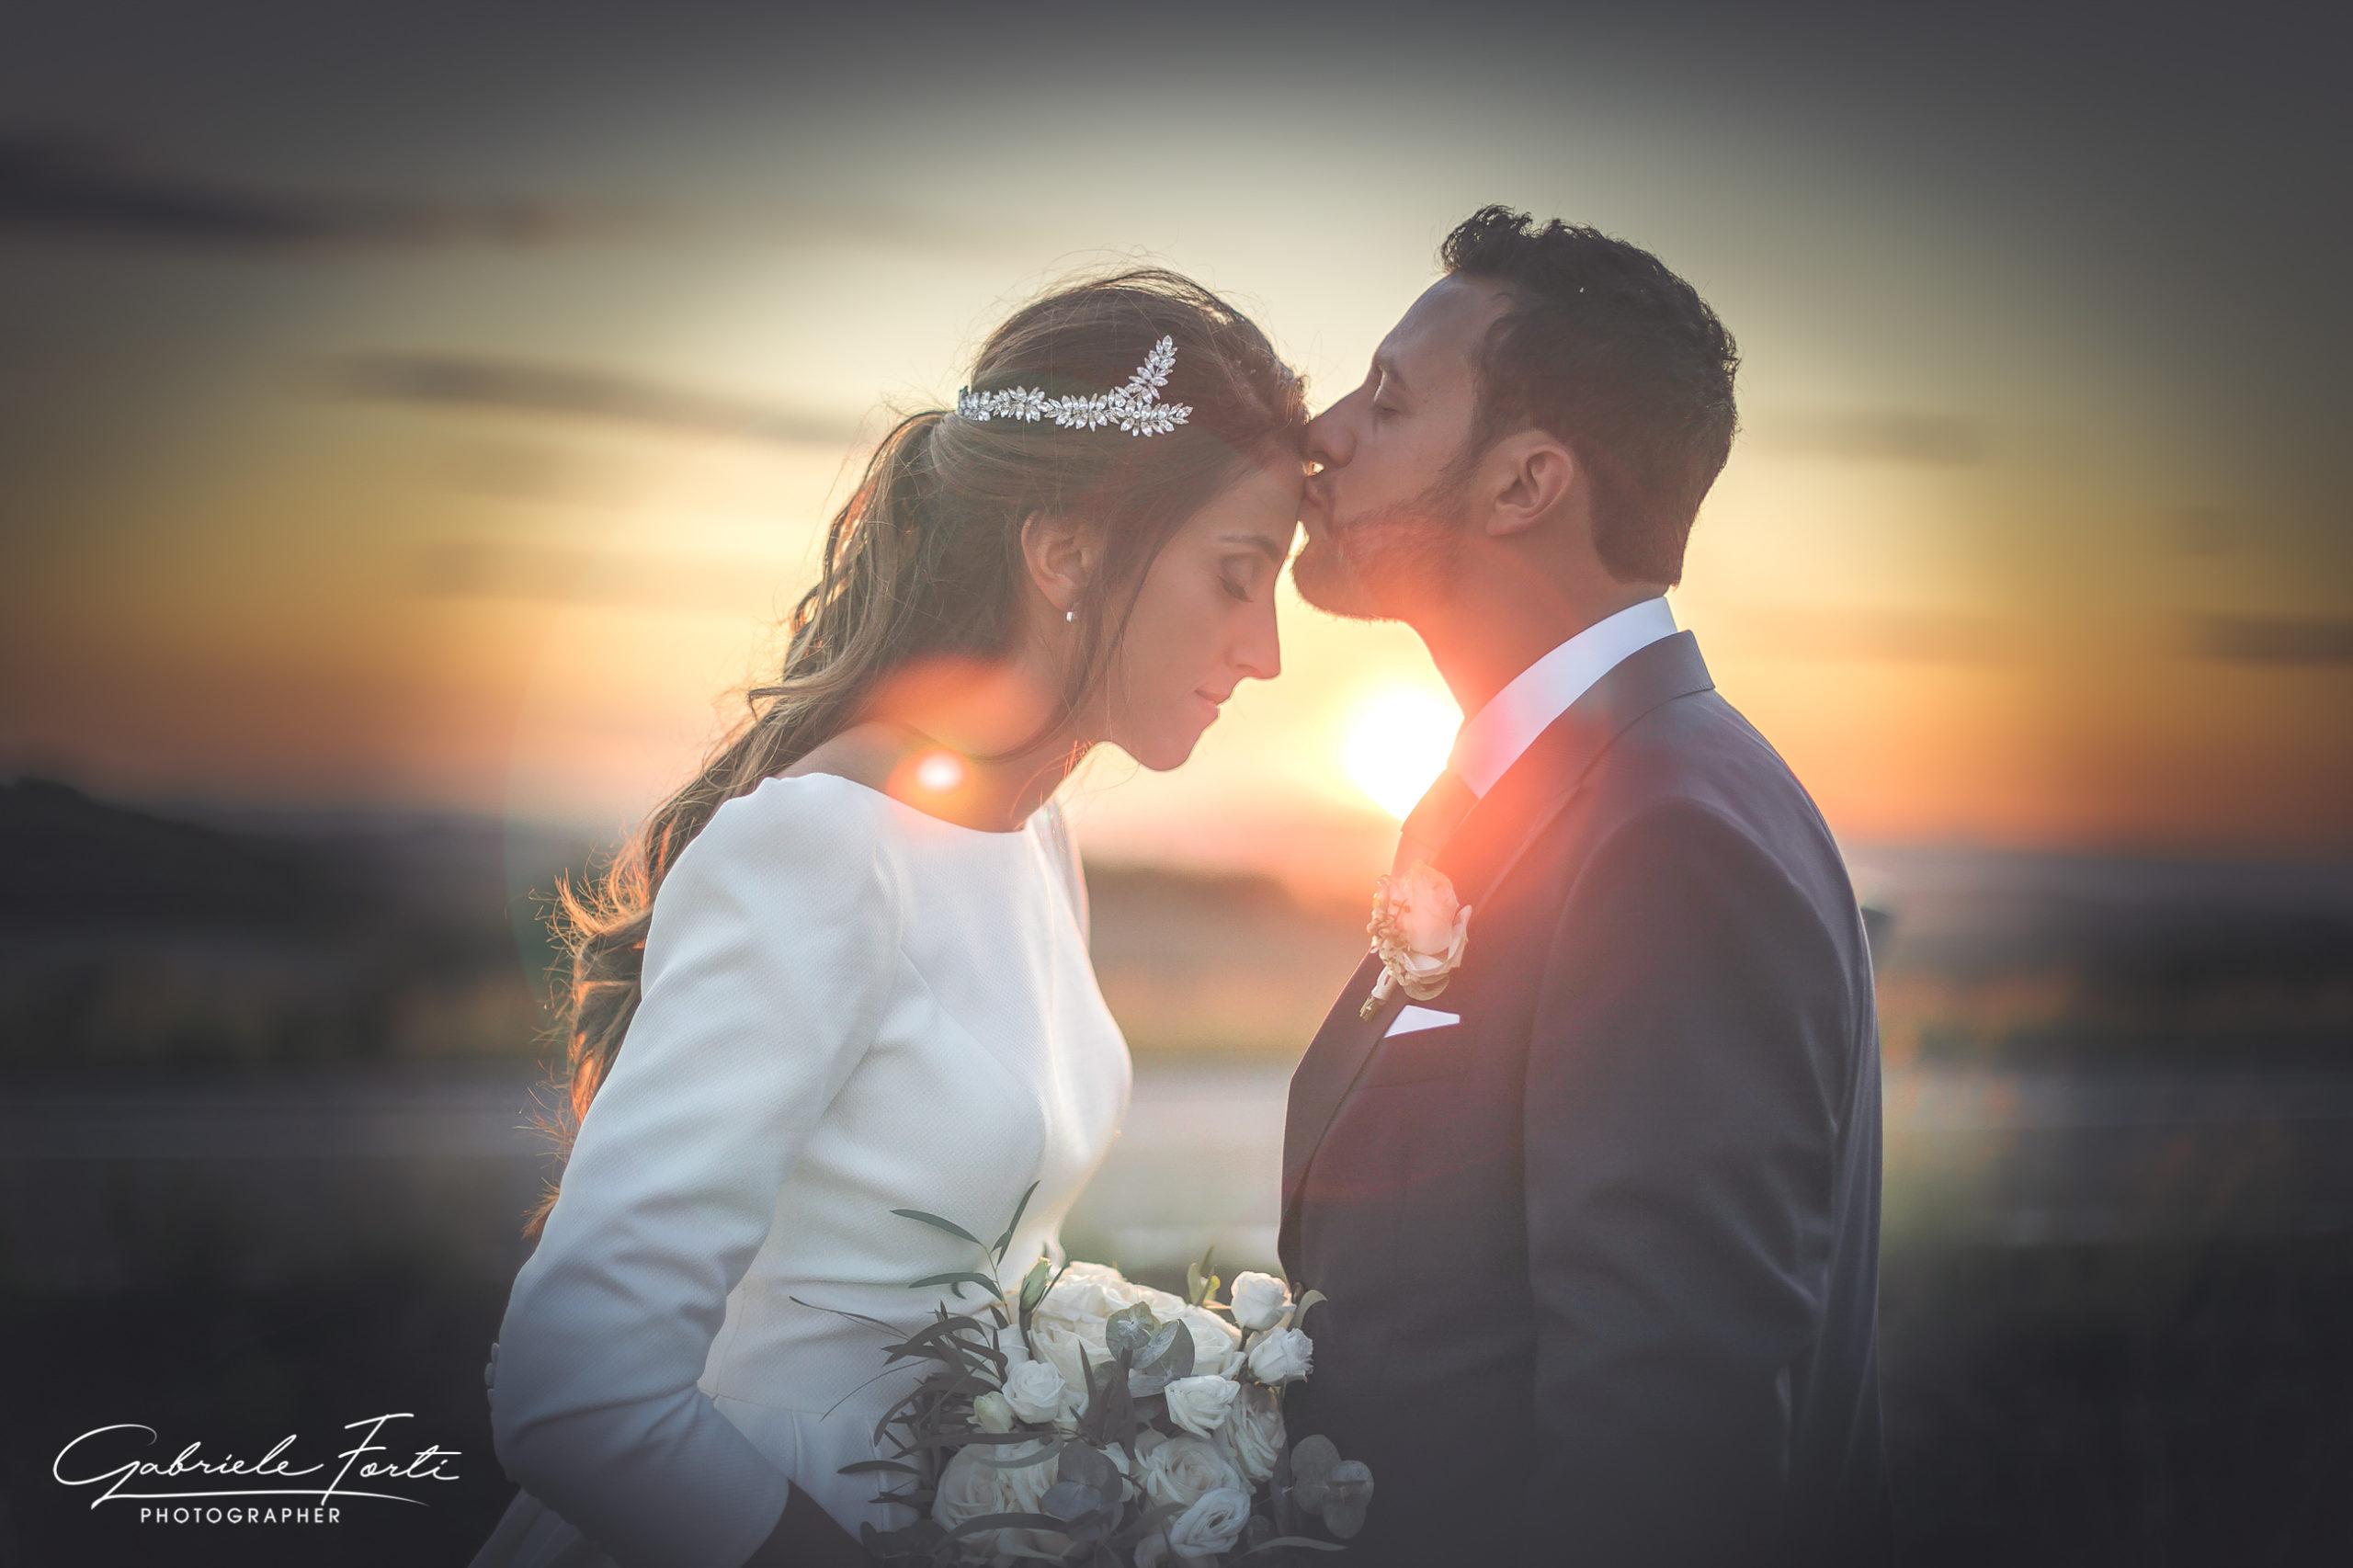 toscana-castellana-in-chianti-siena-tuscany-wedding-foto-forti-gabriele-14